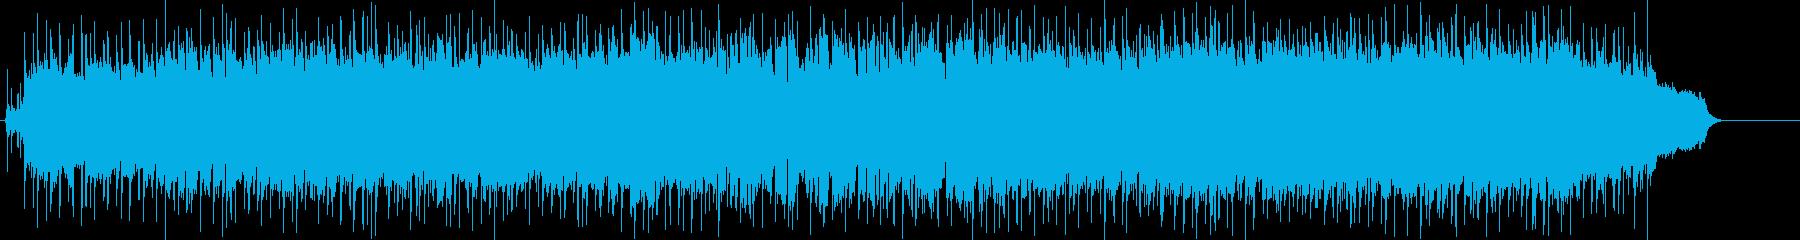 安堵感の漂うエンディング向けポップスの再生済みの波形